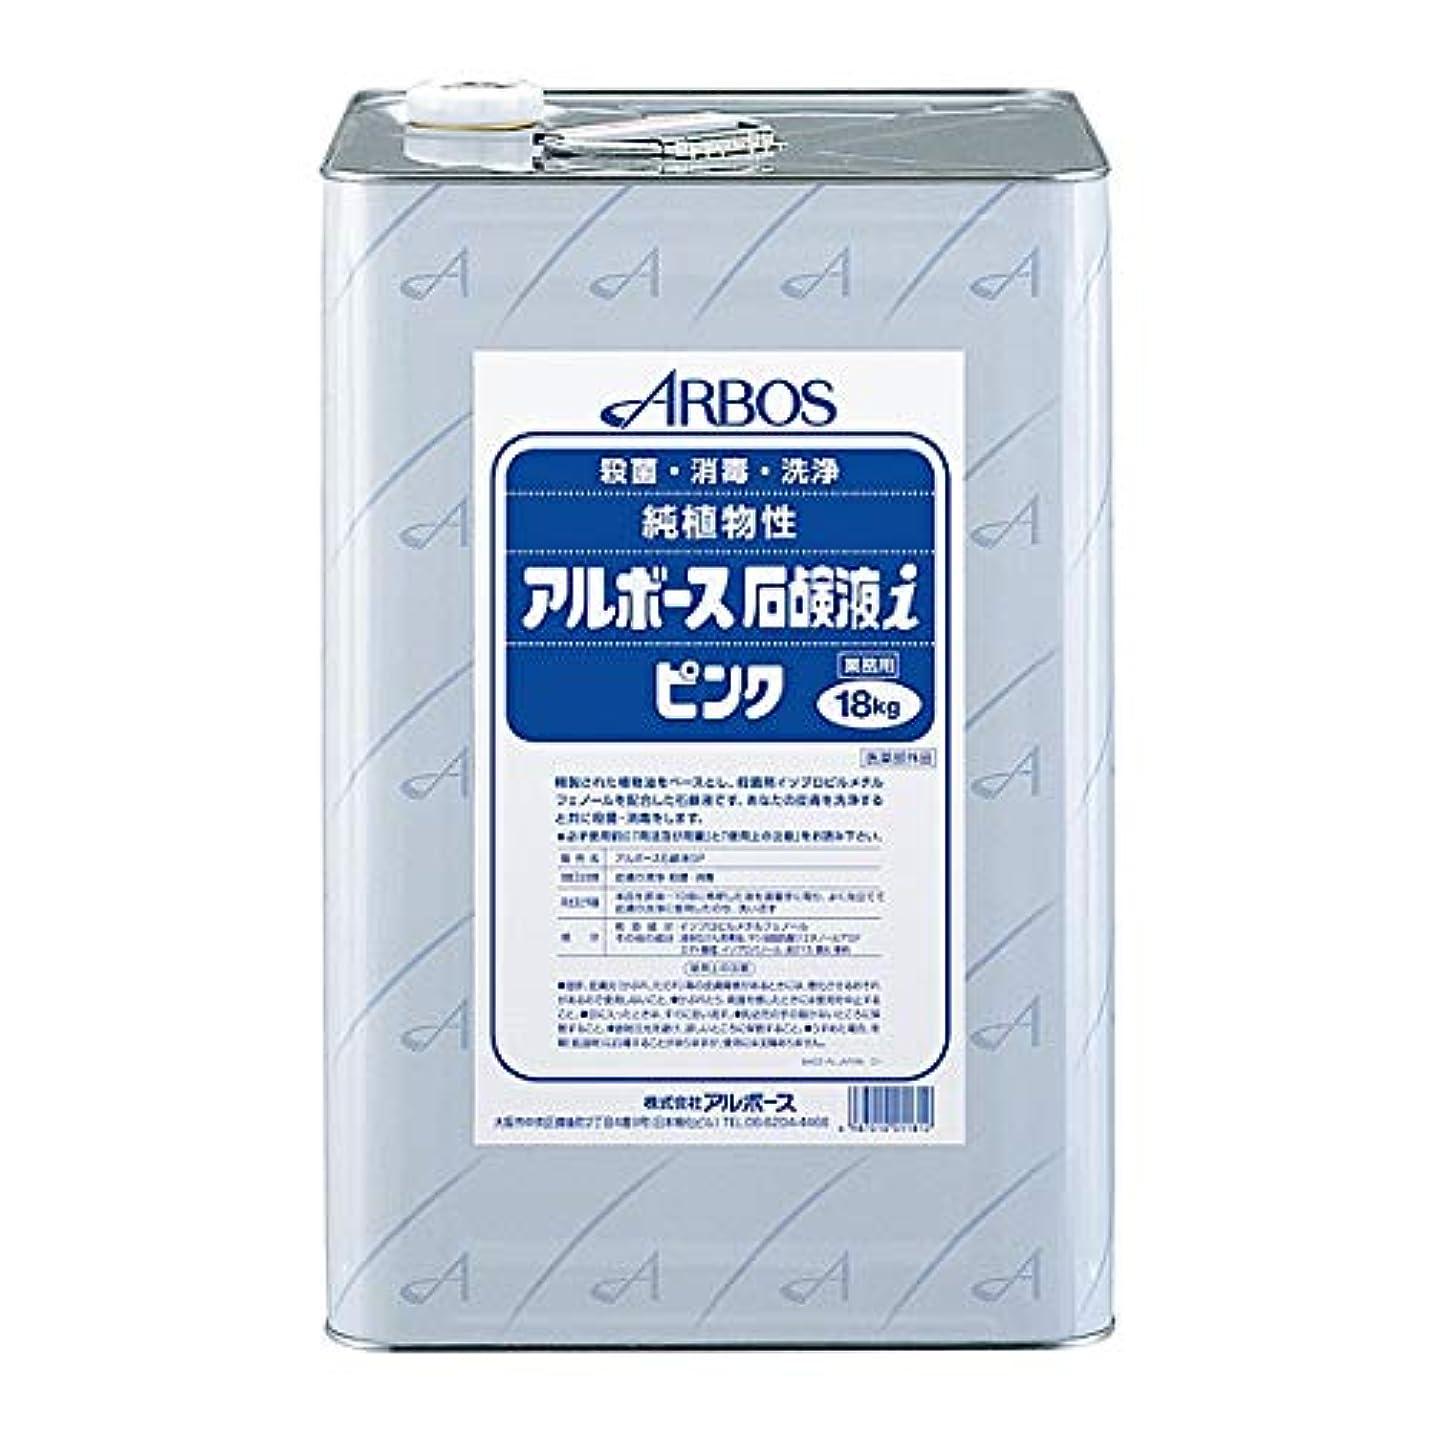 つかむのれん農学【清潔キレイ館】アルボース石鹸液i ピンク(18L)+つめブラシ1個 オマケ付